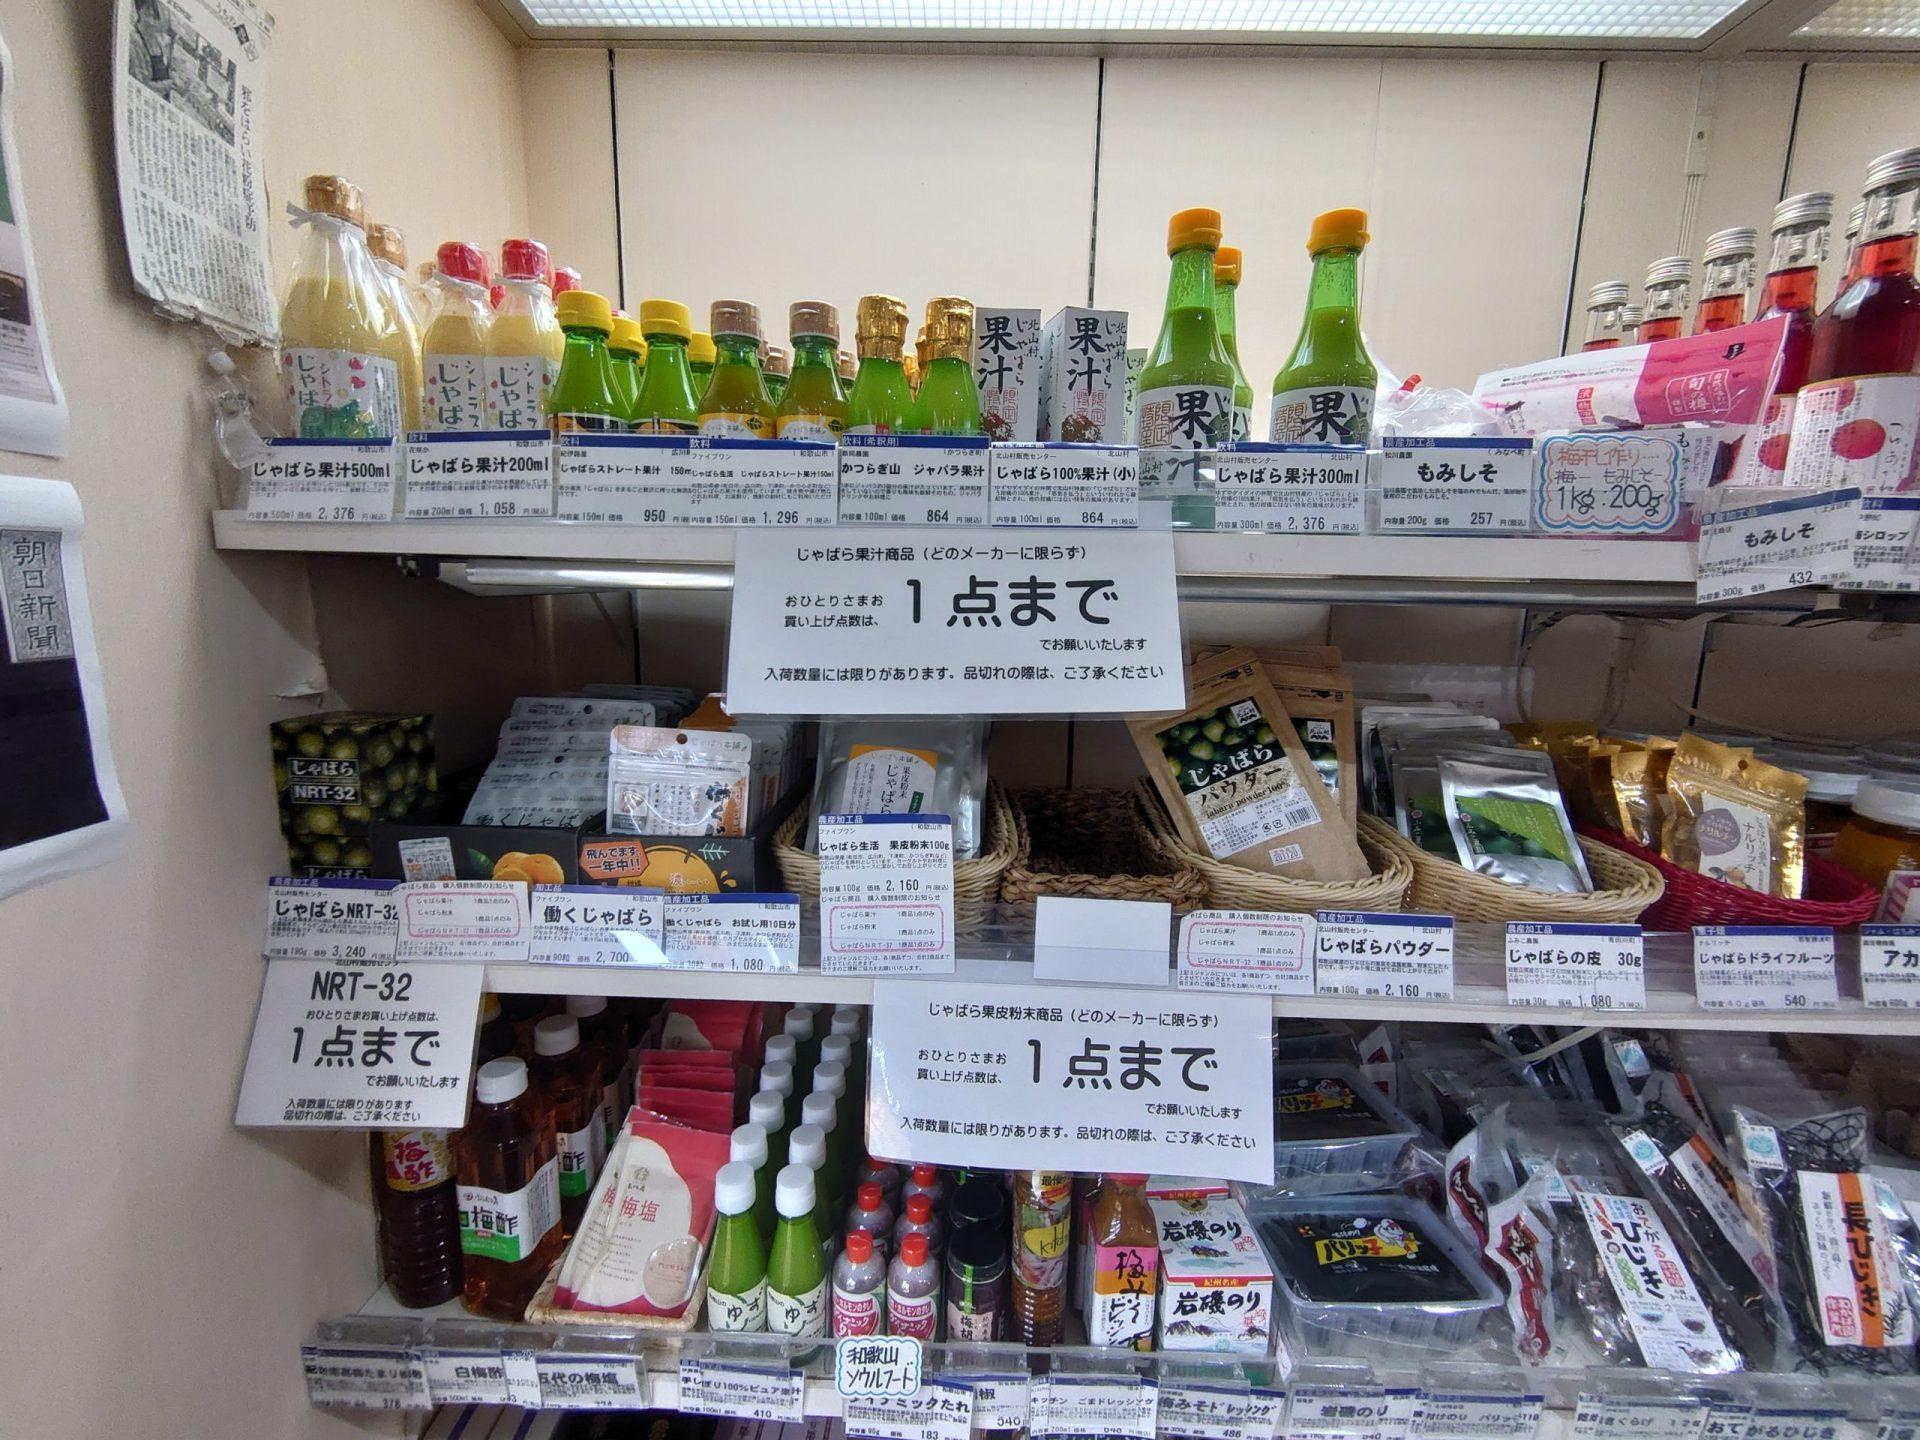 和歌山県のアンテナショップにじゃばらが販売